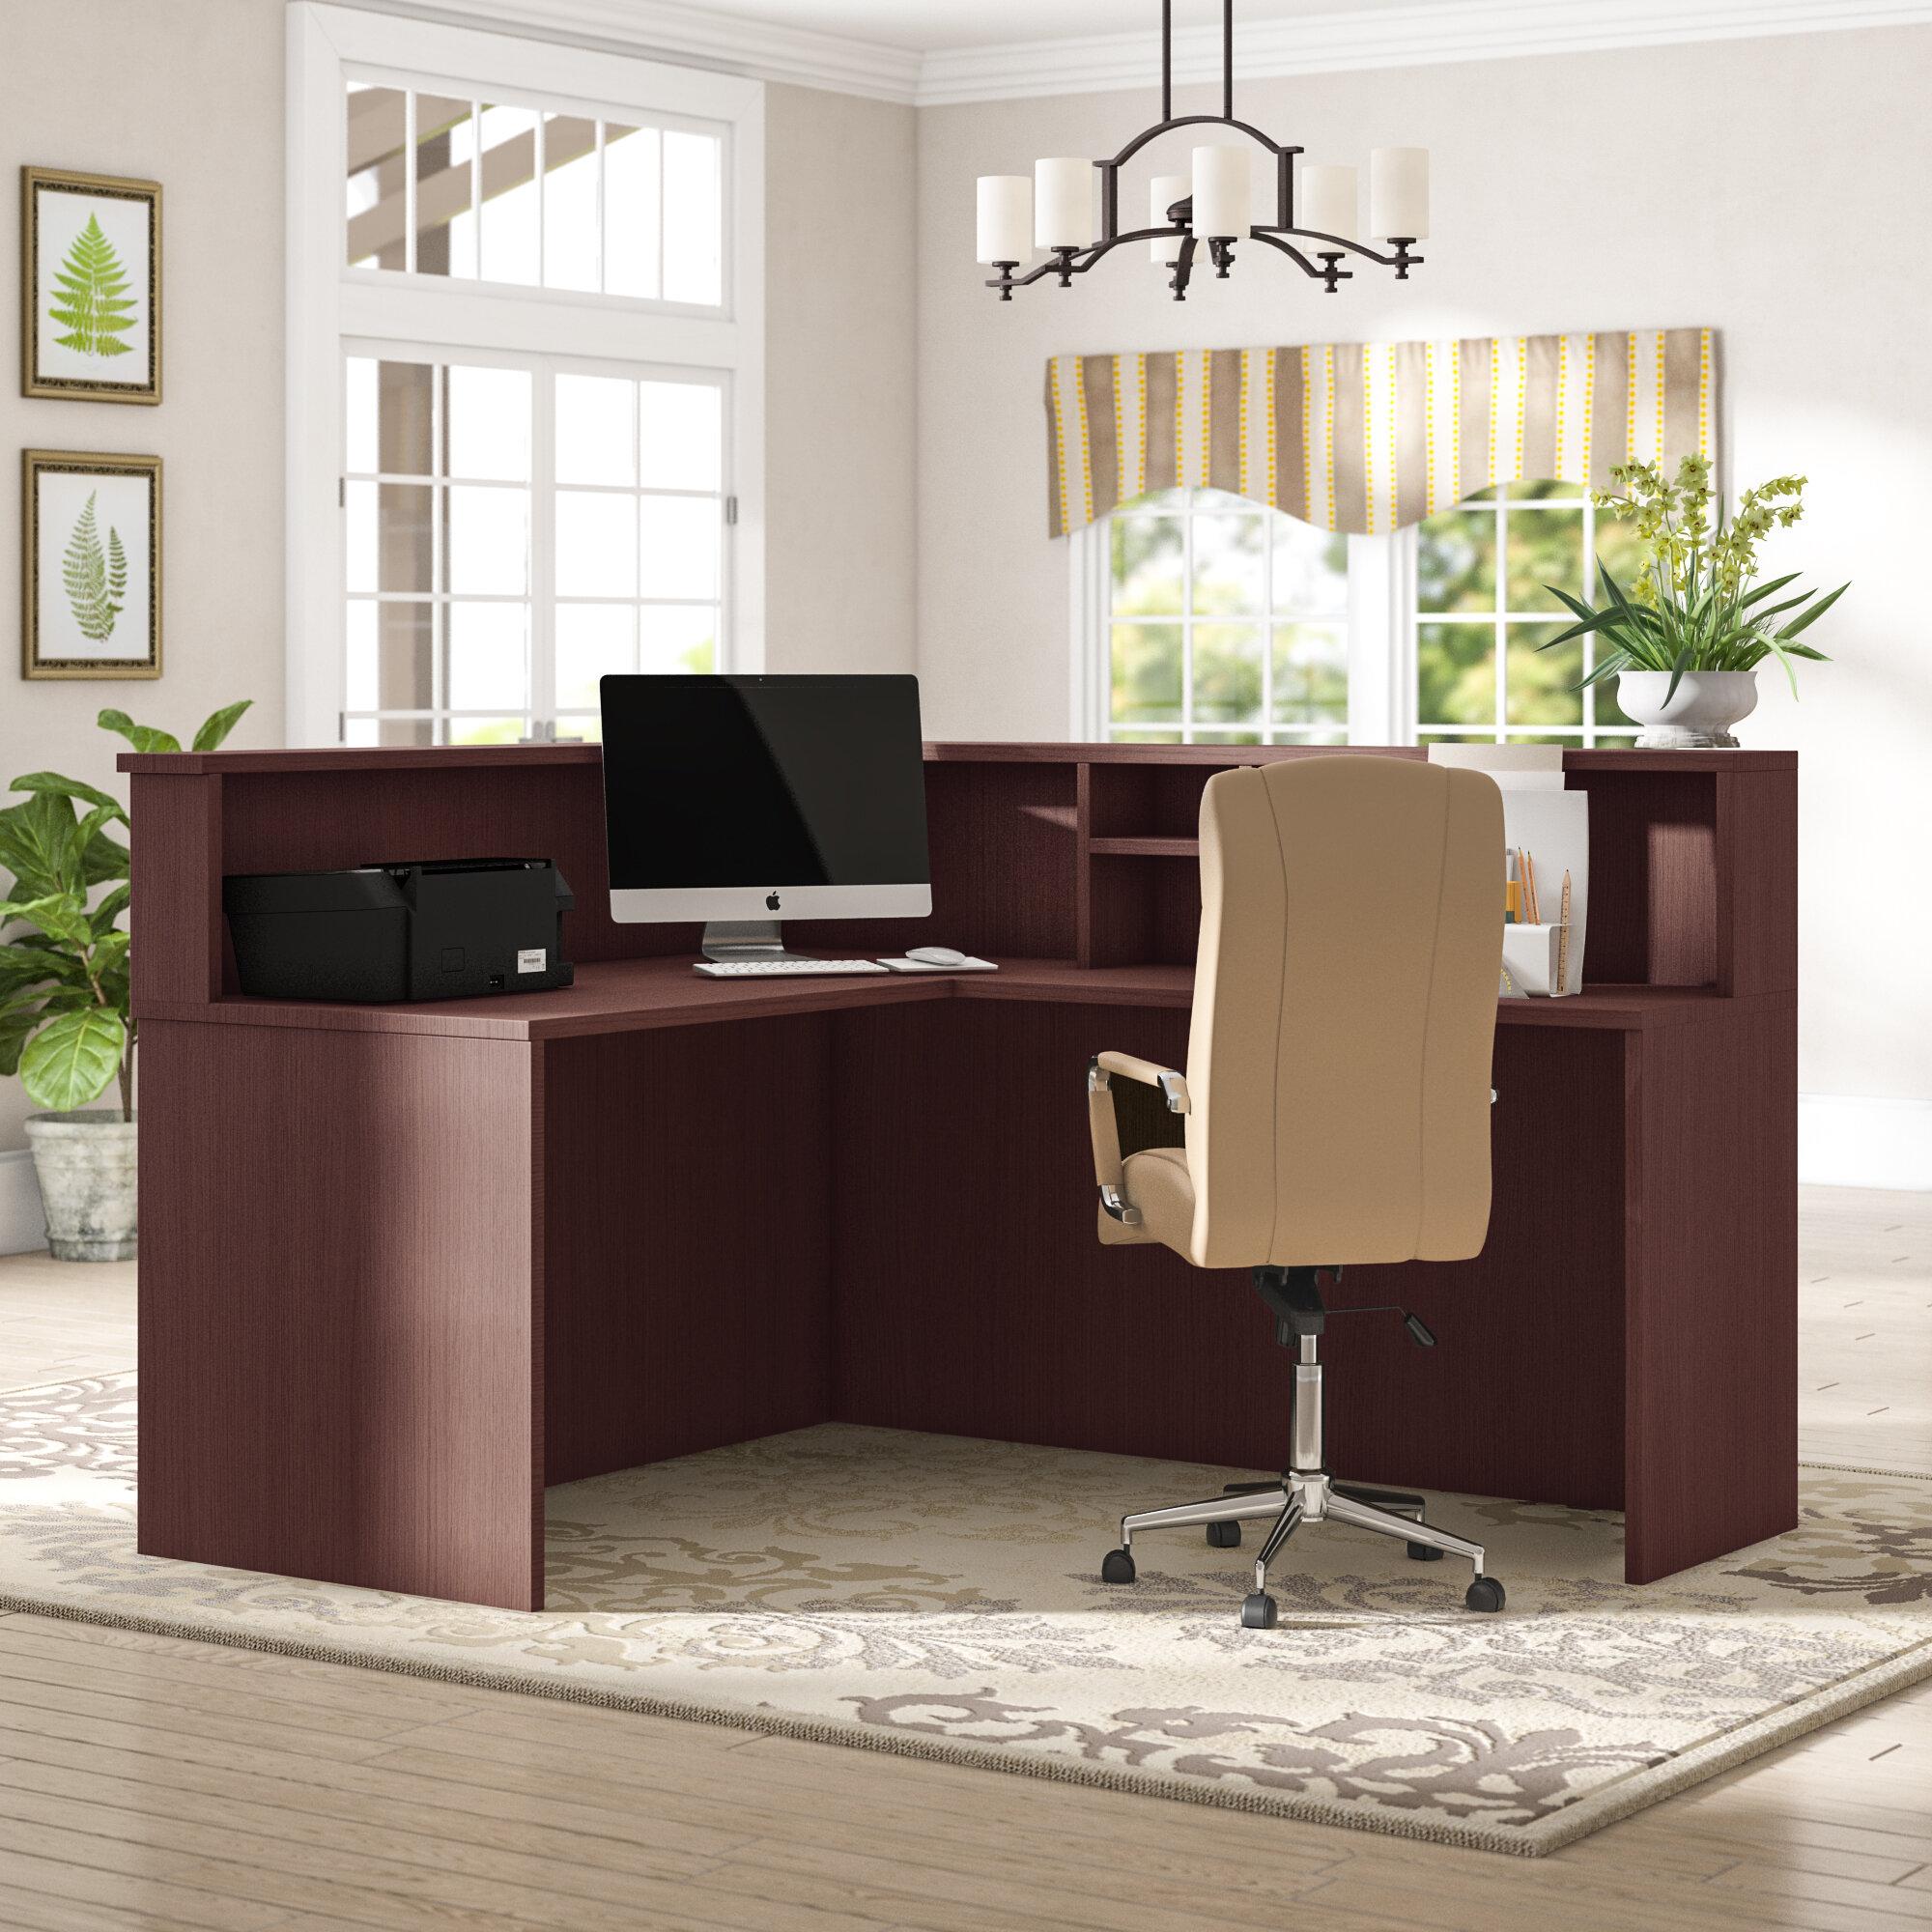 Cecilia Office L Shape Reception Desk